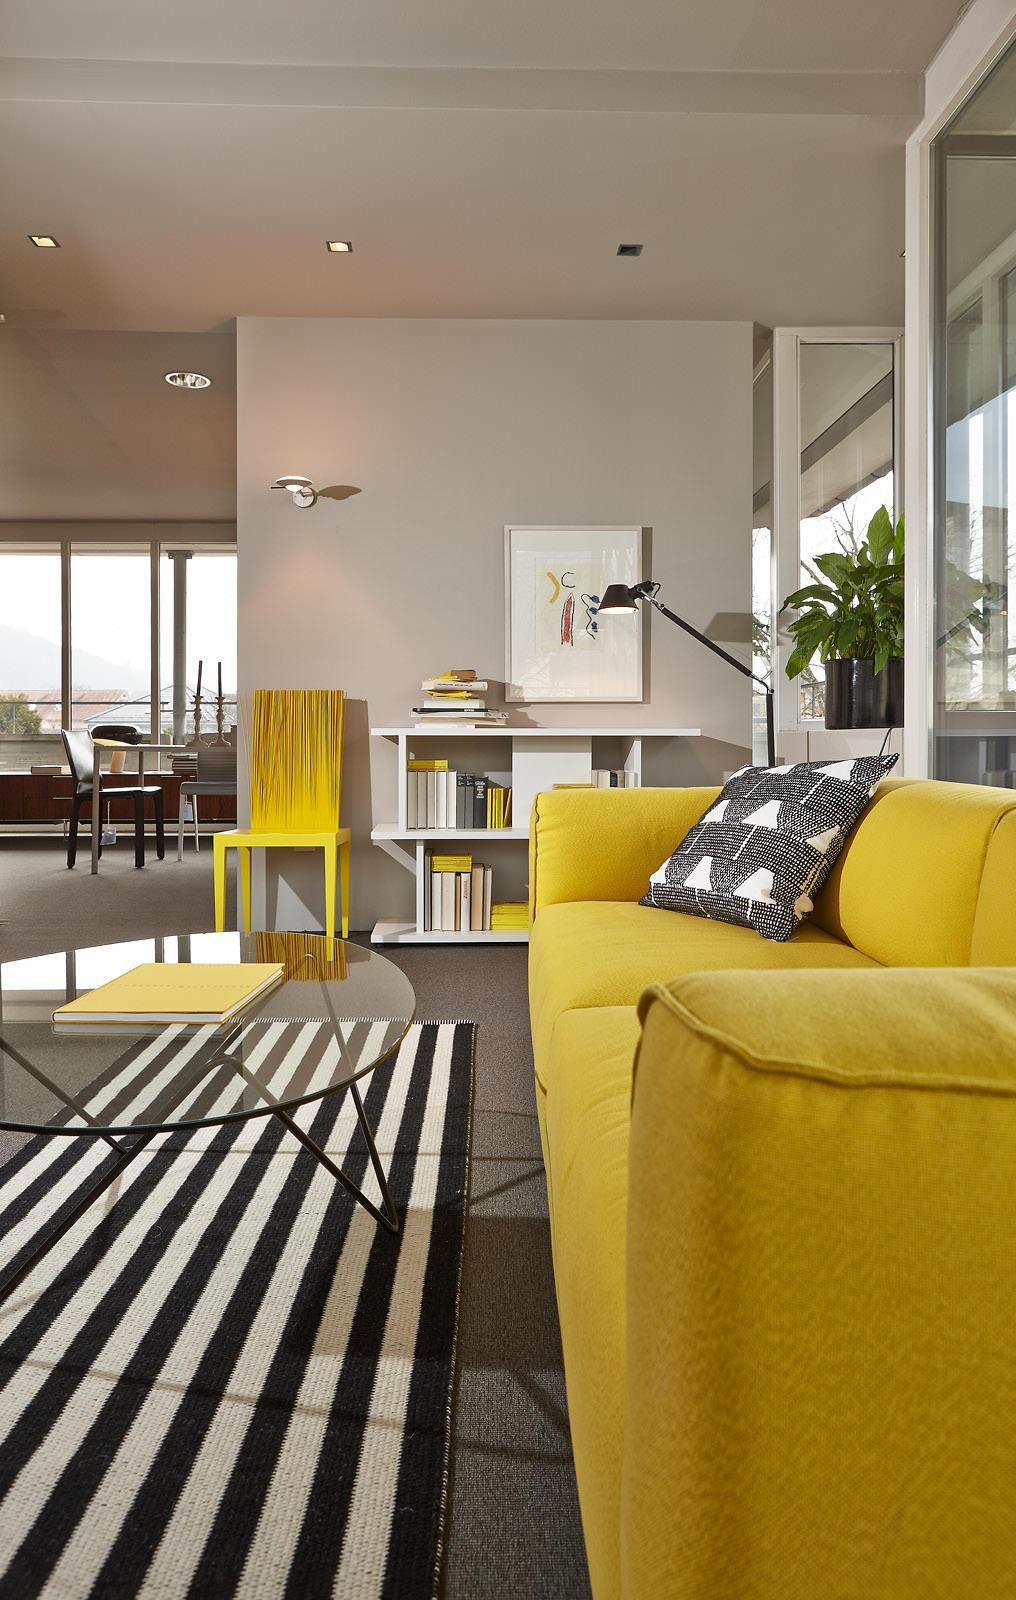 Wohnzimmer Mit Gelben Hinguckern Stuhl Couchtisch Regal Teppich Glastisch Stehlampe